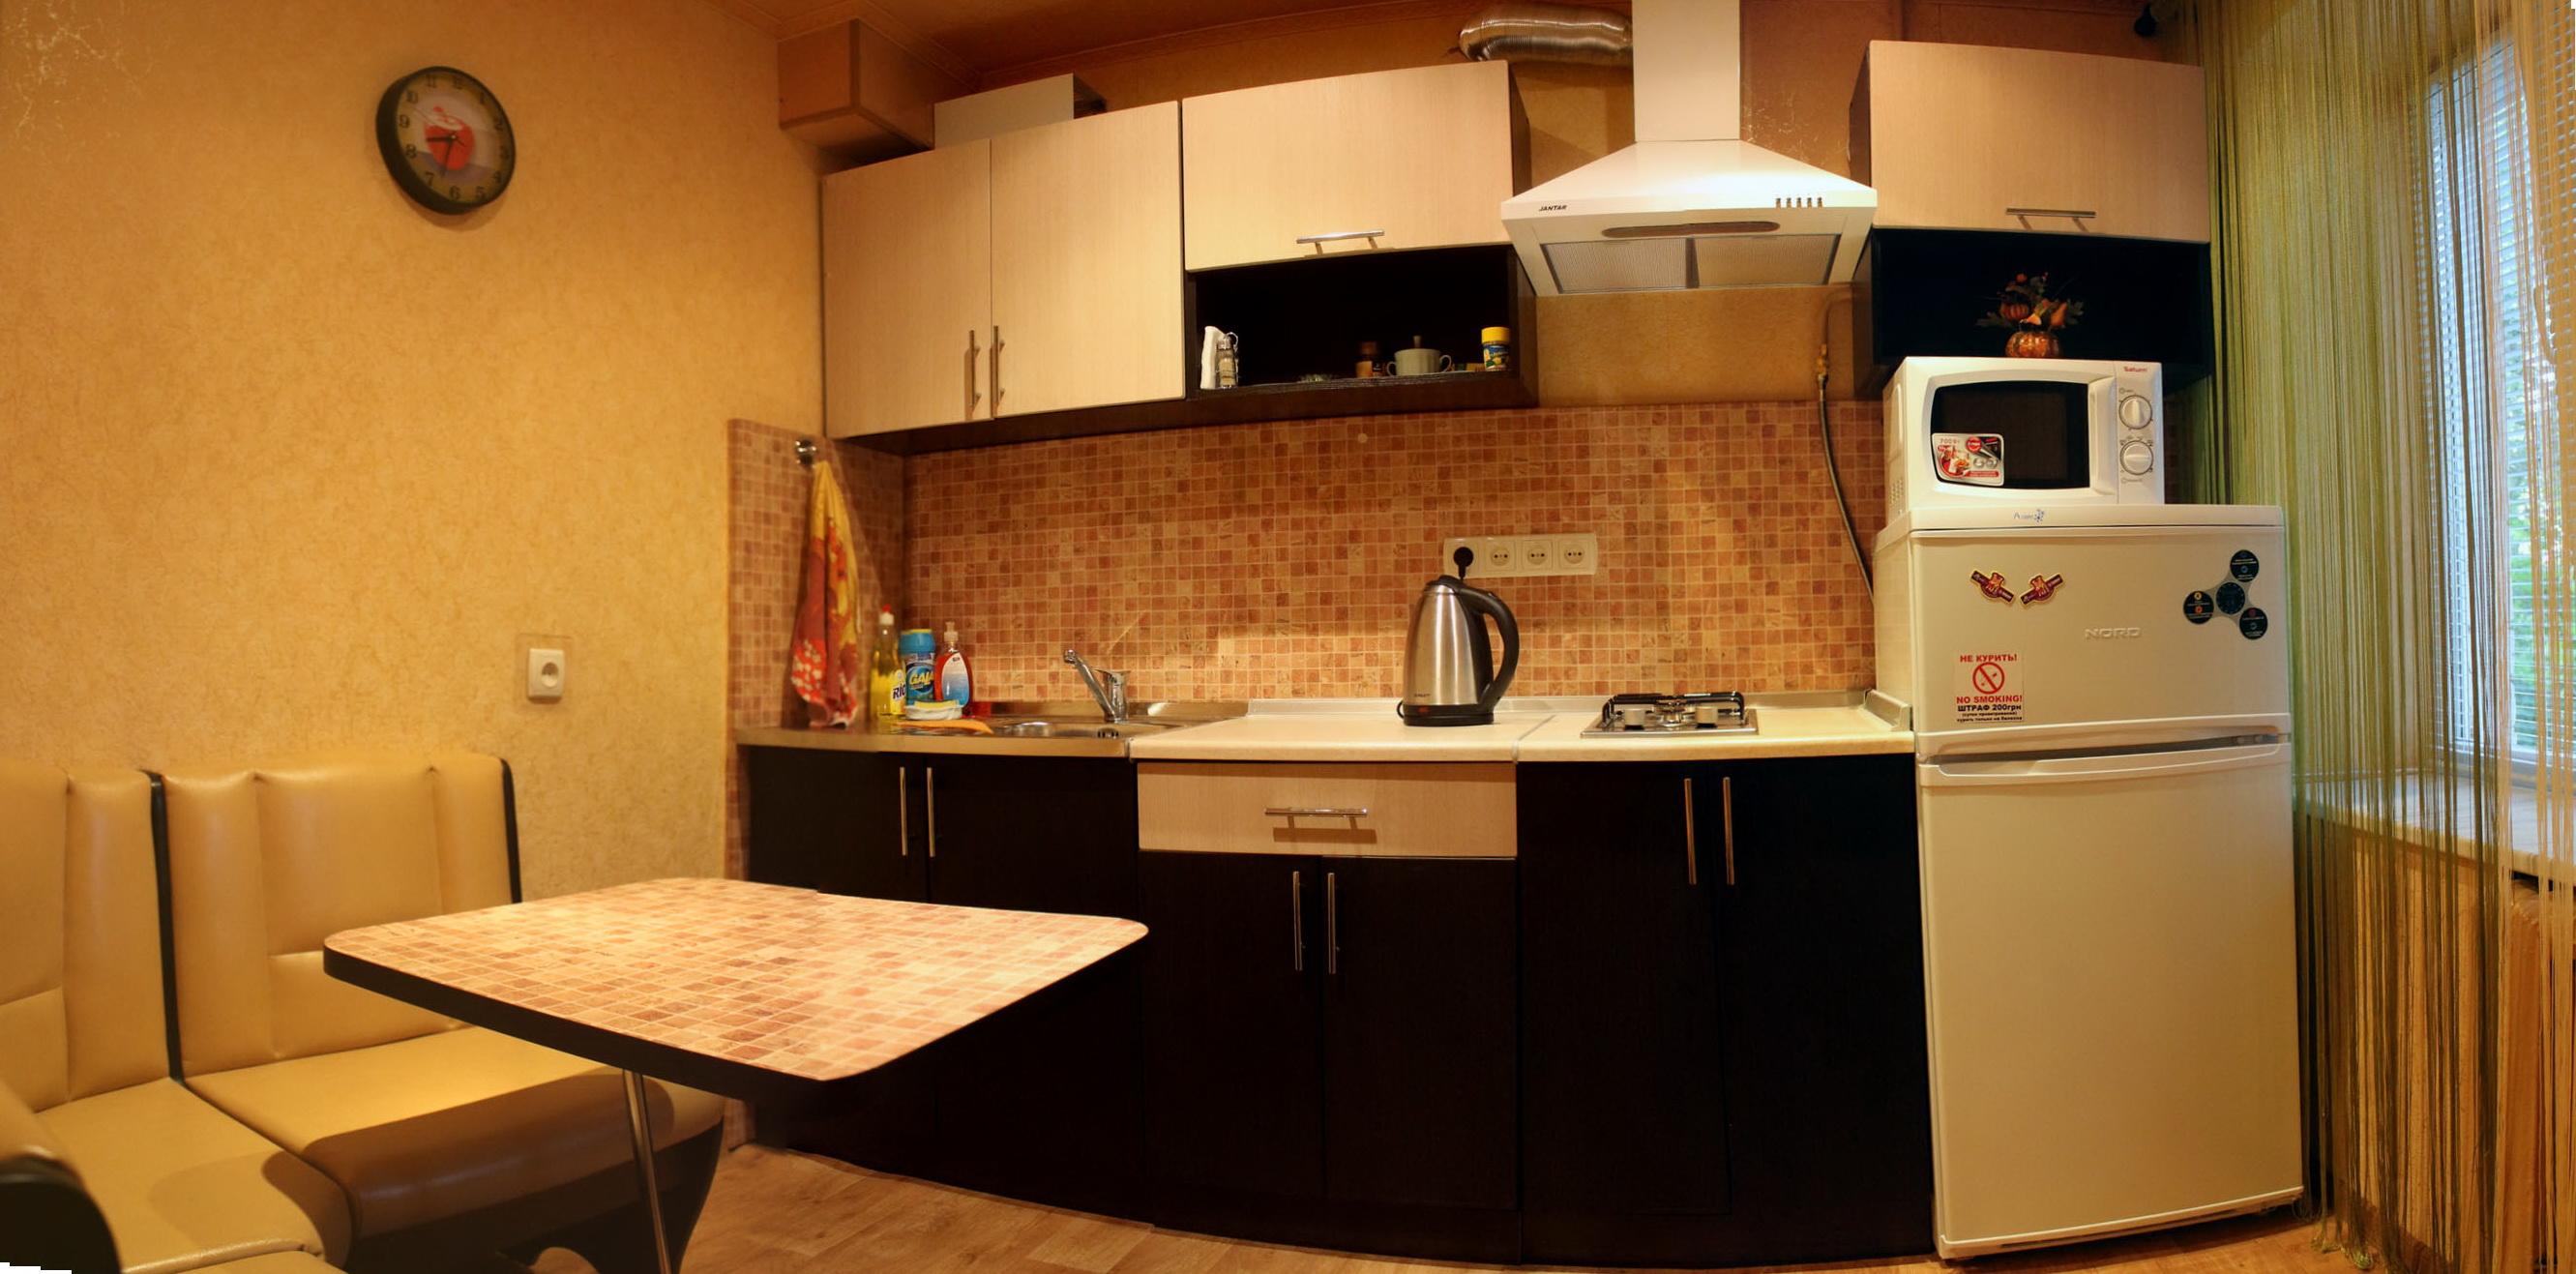 Фото реальных квартир после ремонта